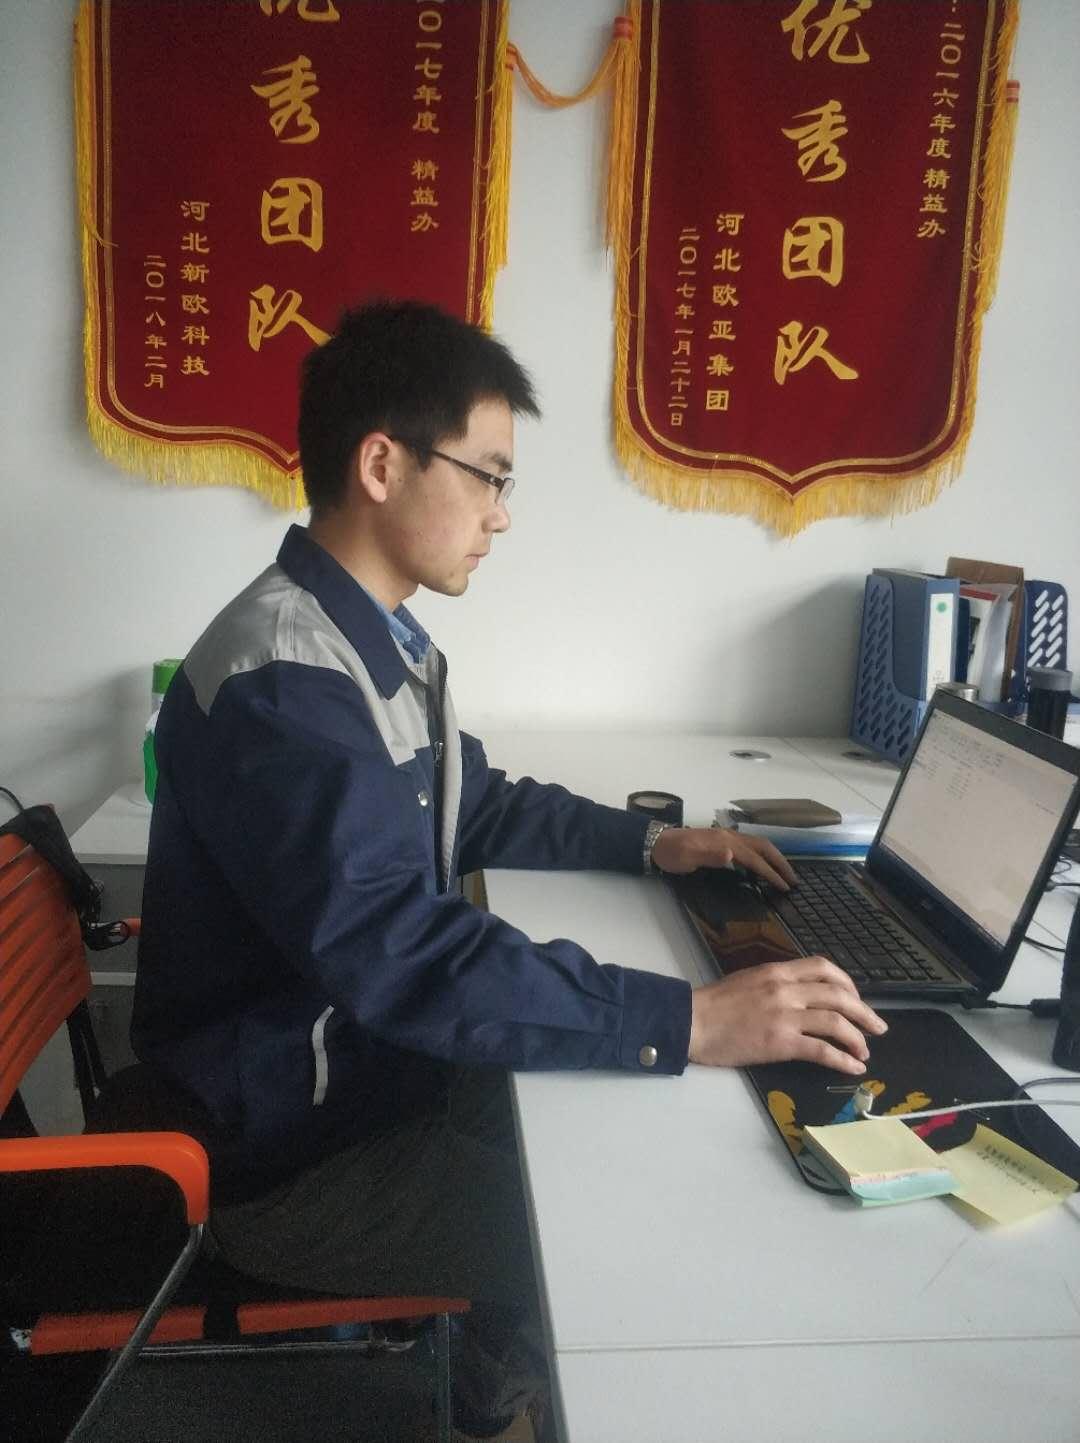 22河北新欧科技  翟卫岗